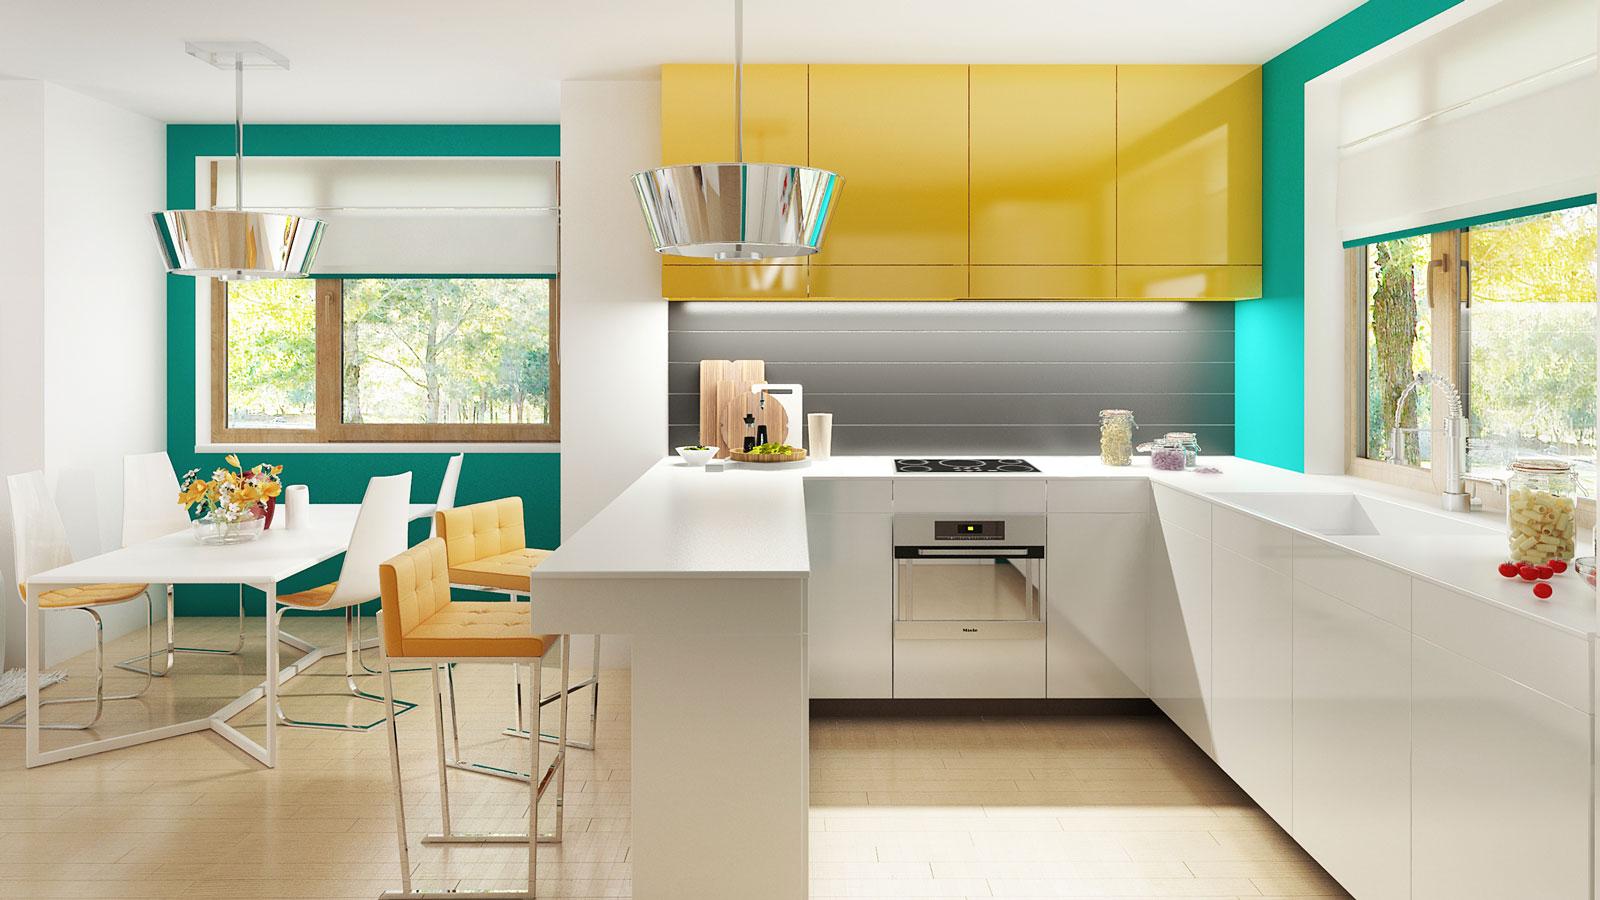 wizualizacje 3d kuchni i jadalni w wiosennych kolorach